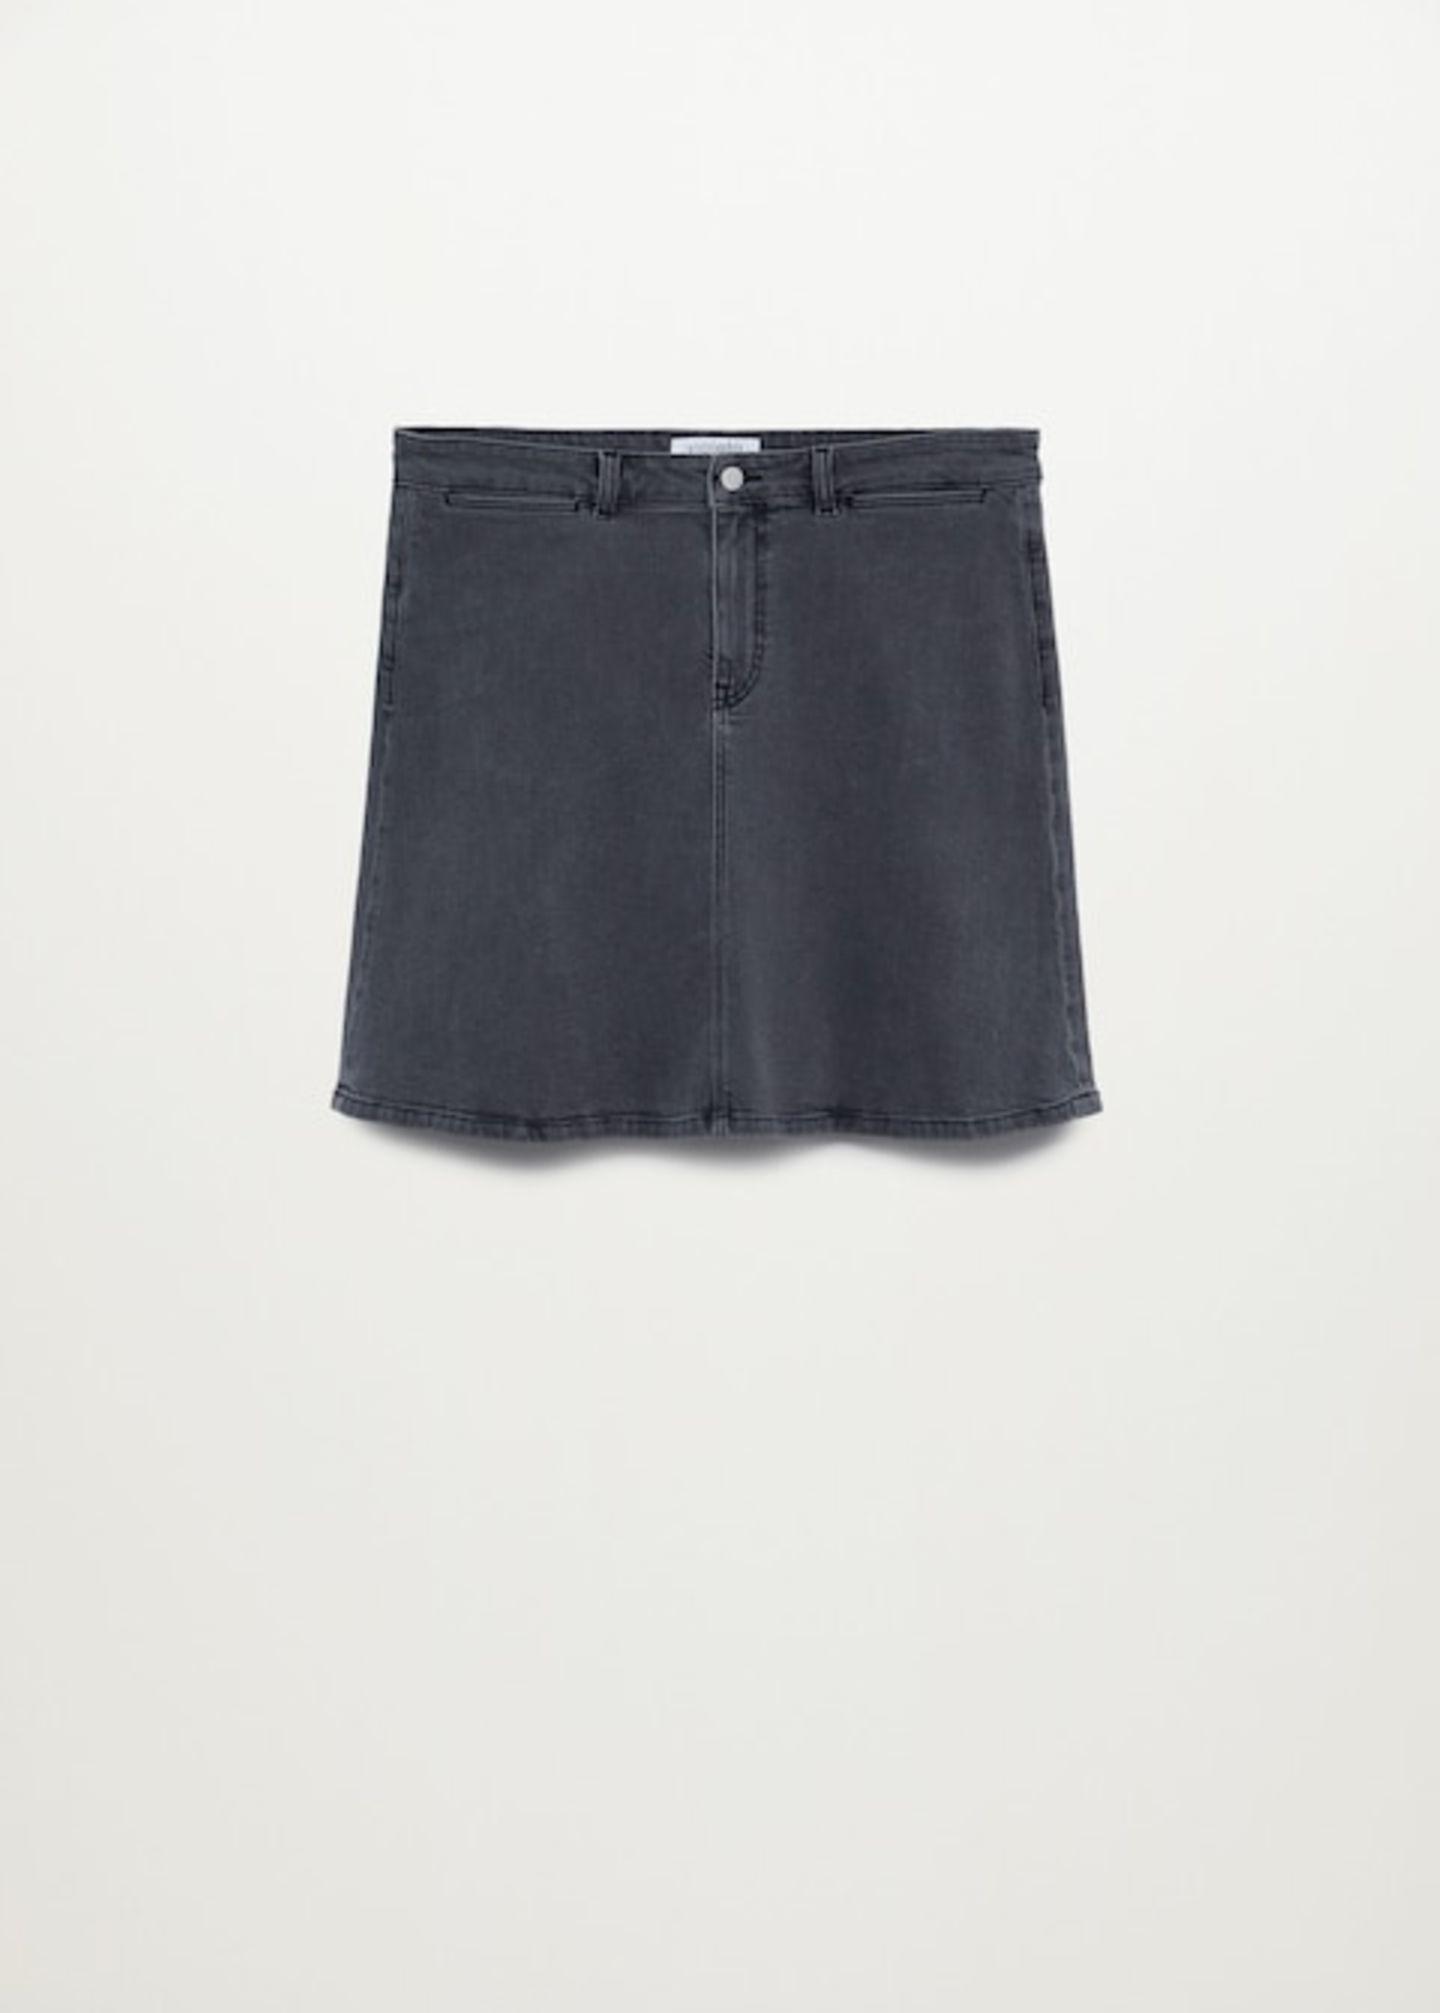 Ein Jeansrock gehört zur Grundausstattung. Warum? Weil er ein echter Allrounder ist und sowohl sportlich als auch elegant gestylt garantiert immer die richtige Wahl ist. Von Violeta by Mango, um 40 Euro.